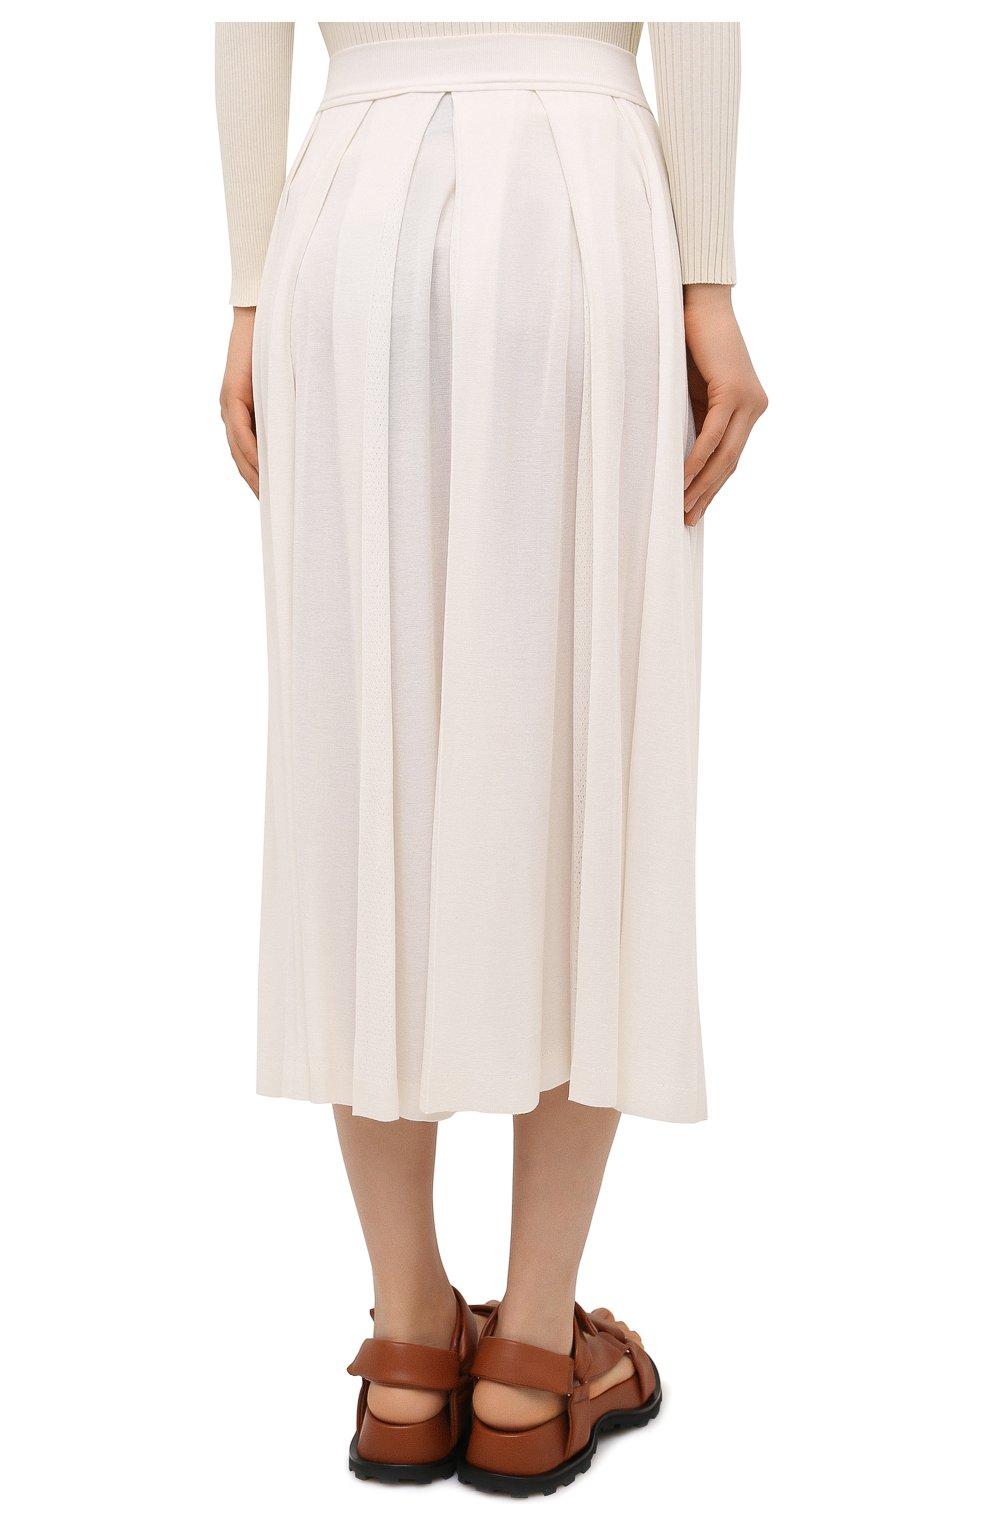 Женская юбка из кашемира и шелка LORO PIANA белого цвета, арт. FAL5239 | Фото 4 (Материал внешний: Шерсть, Шелк, Кашемир; Женское Кросс-КТ: юбка-плиссе, Юбка-одежда; Длина Ж (юбки, платья, шорты): Миди; Стили: Романтичный)